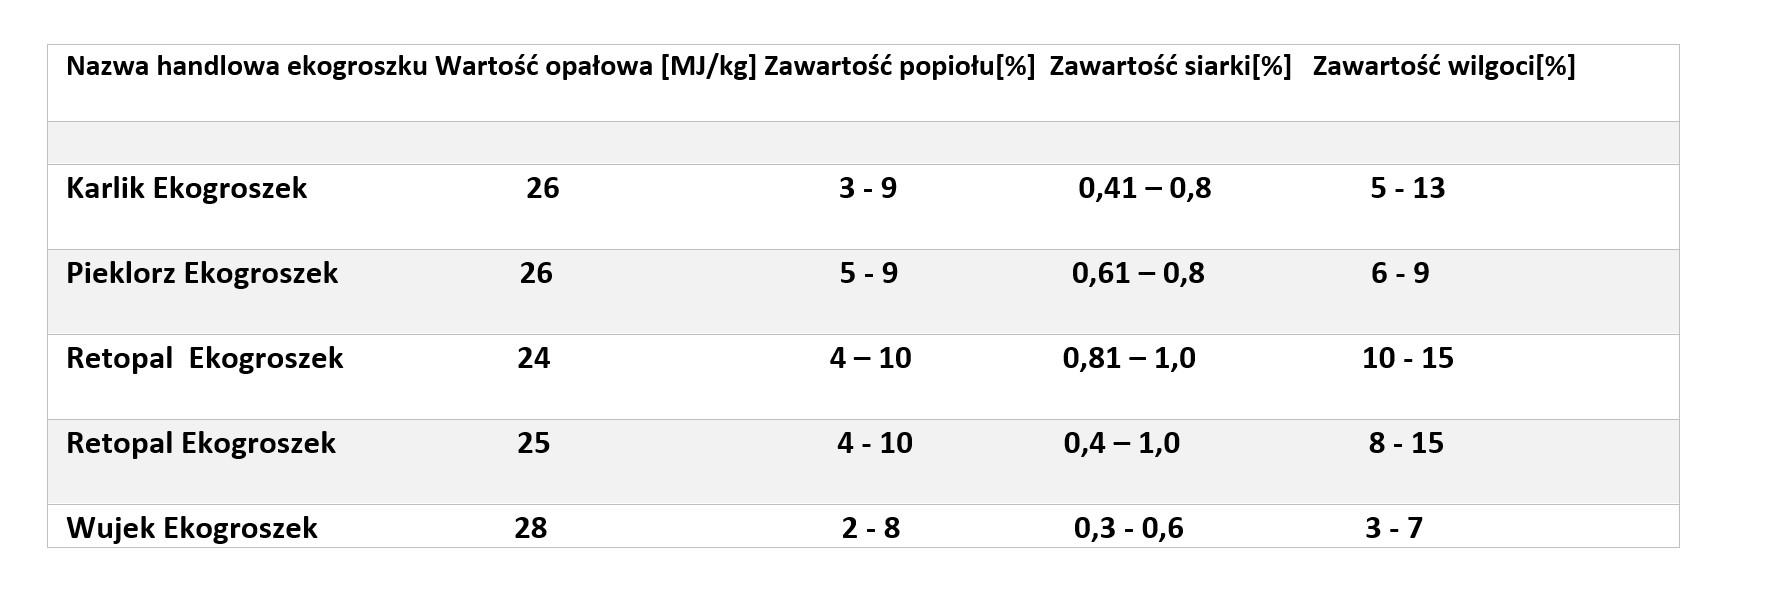 Opracowanie własne na bazie danych Polskiej Grupy Górniczej